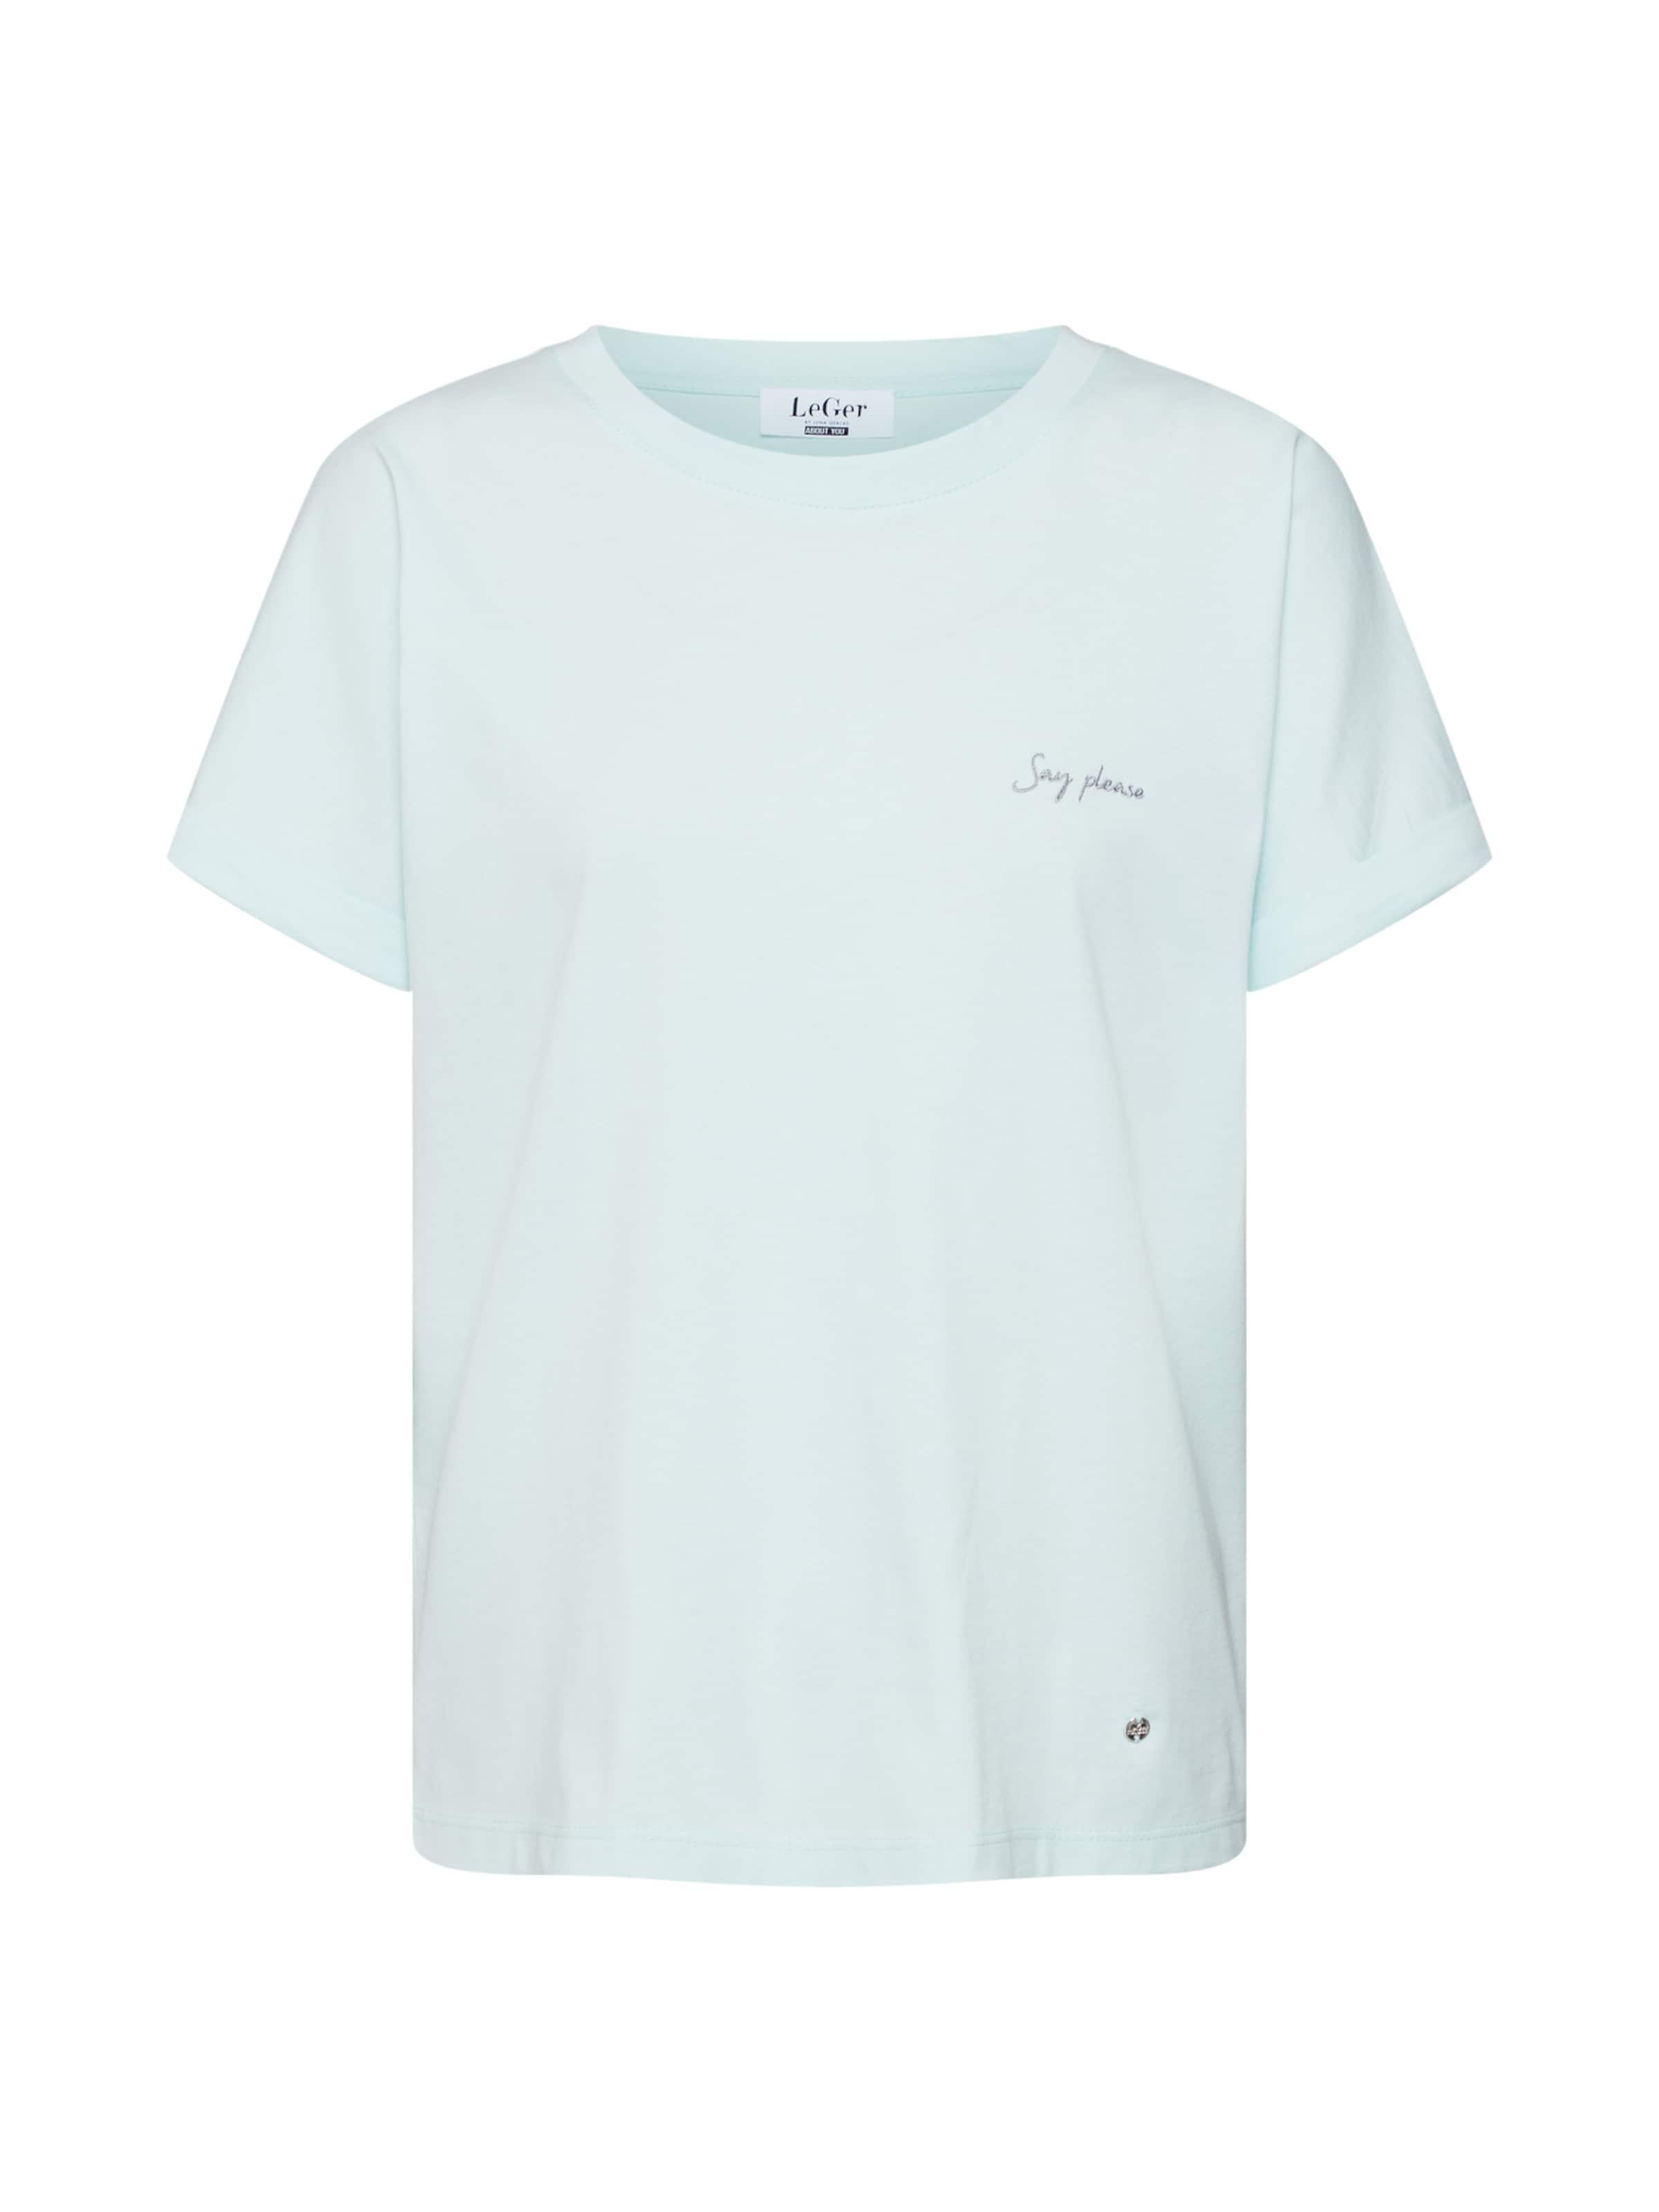 T Gercke Leger Say In Mint shirt 'sina' By Lena Please Rj354AL